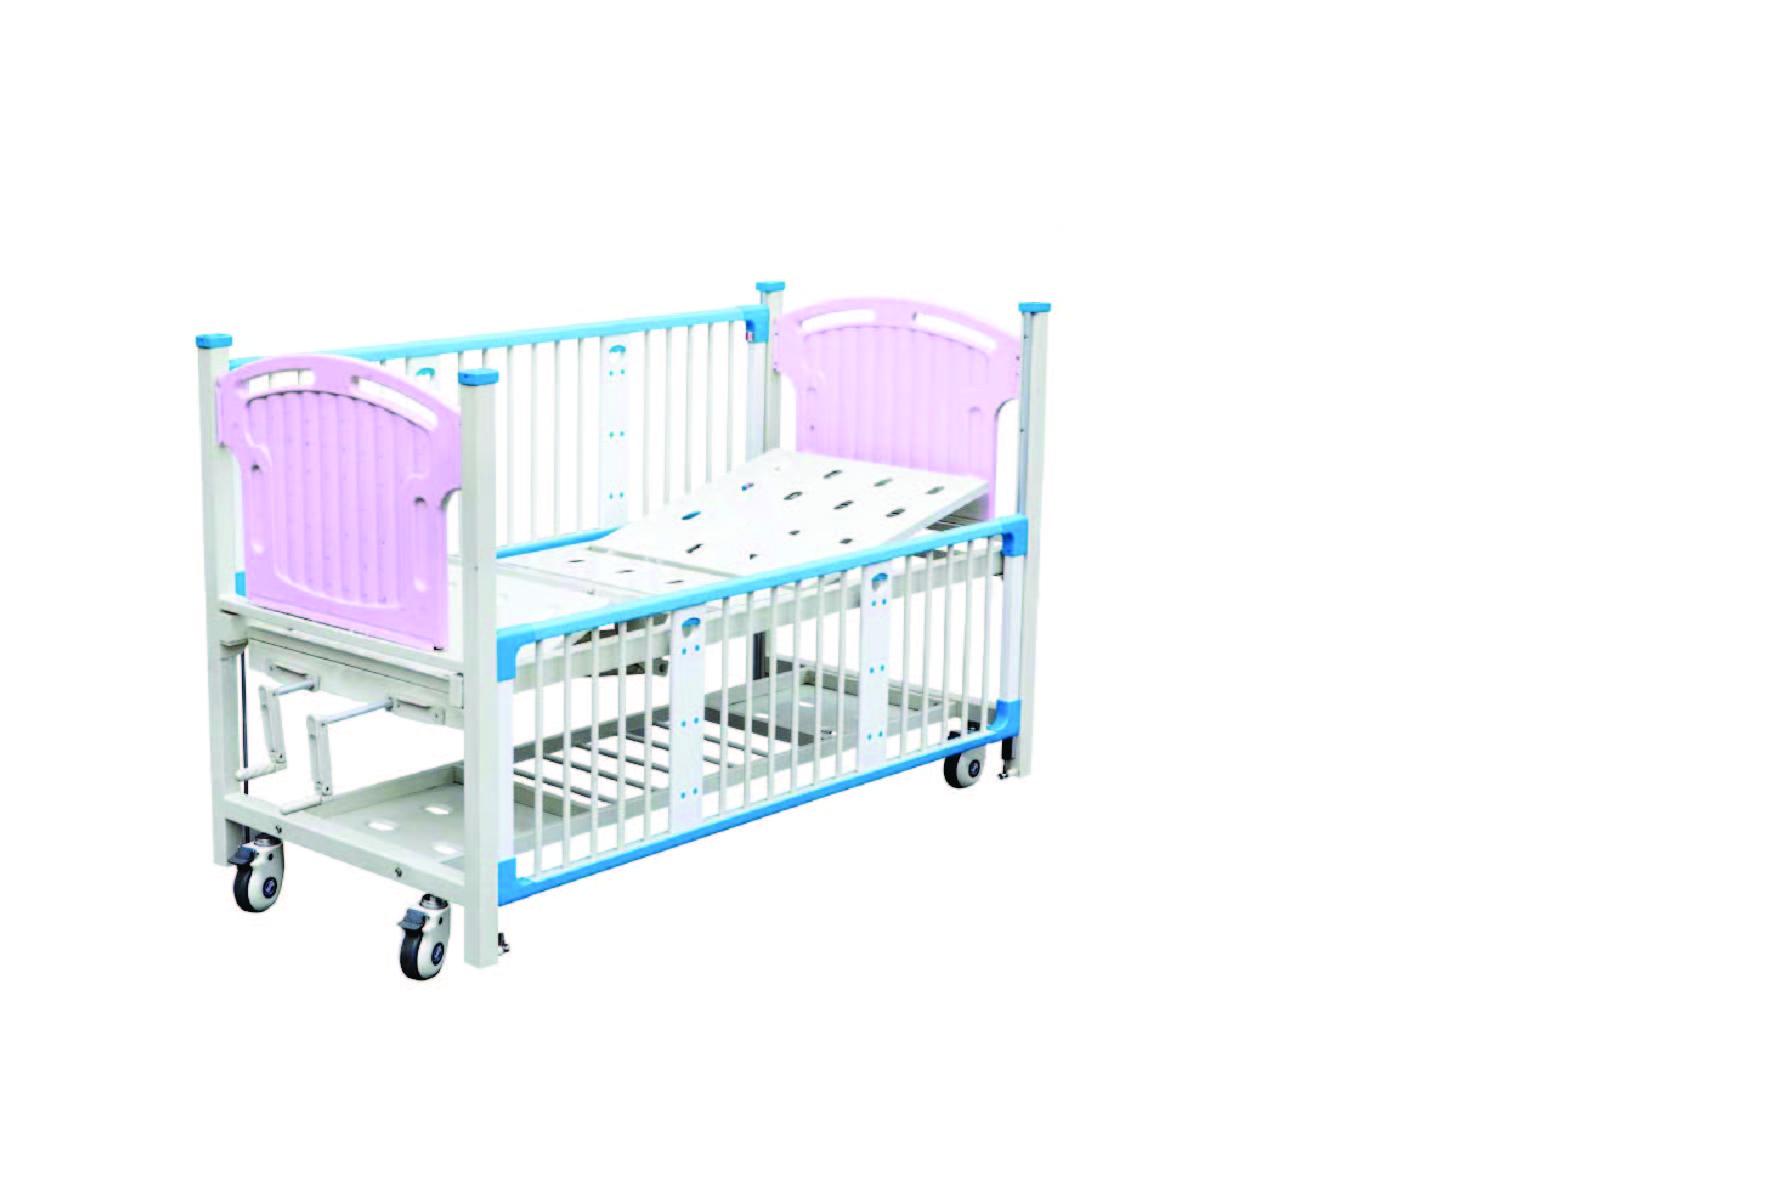 RSE12-D 双摇手儿童病床